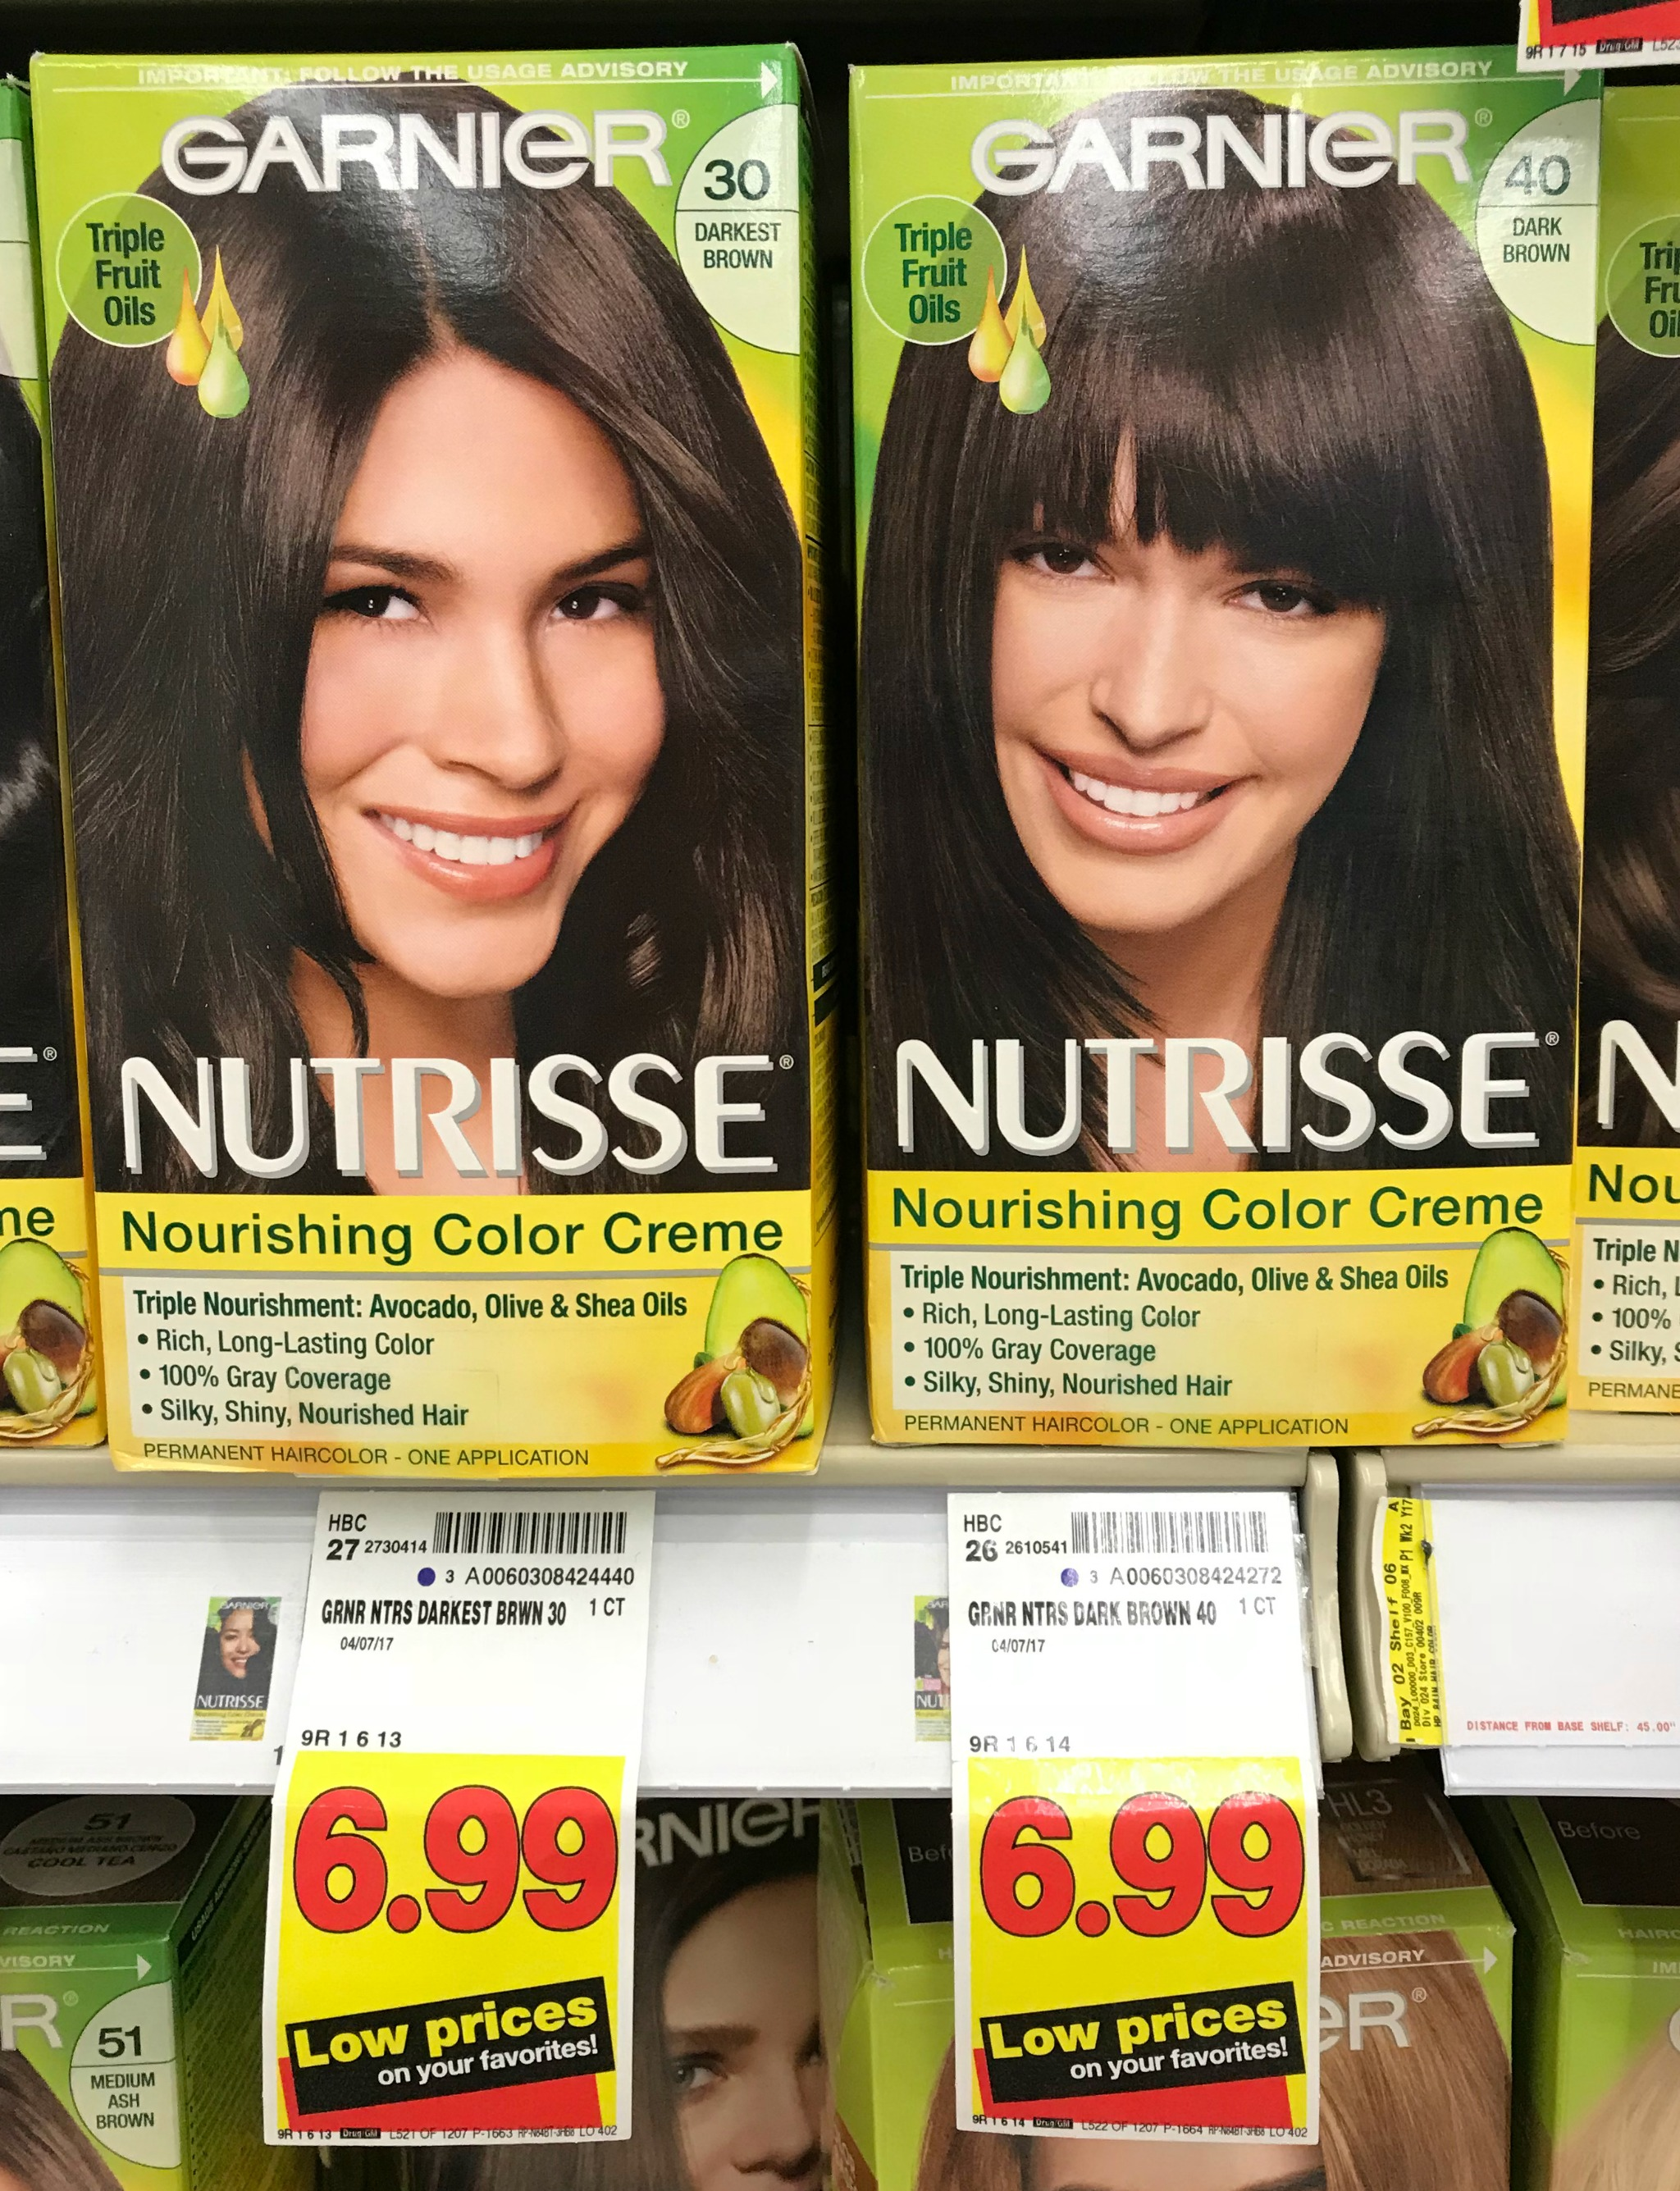 Garnier Nutrisse Hair Color Just 499 At Kroger Kroger Krazy